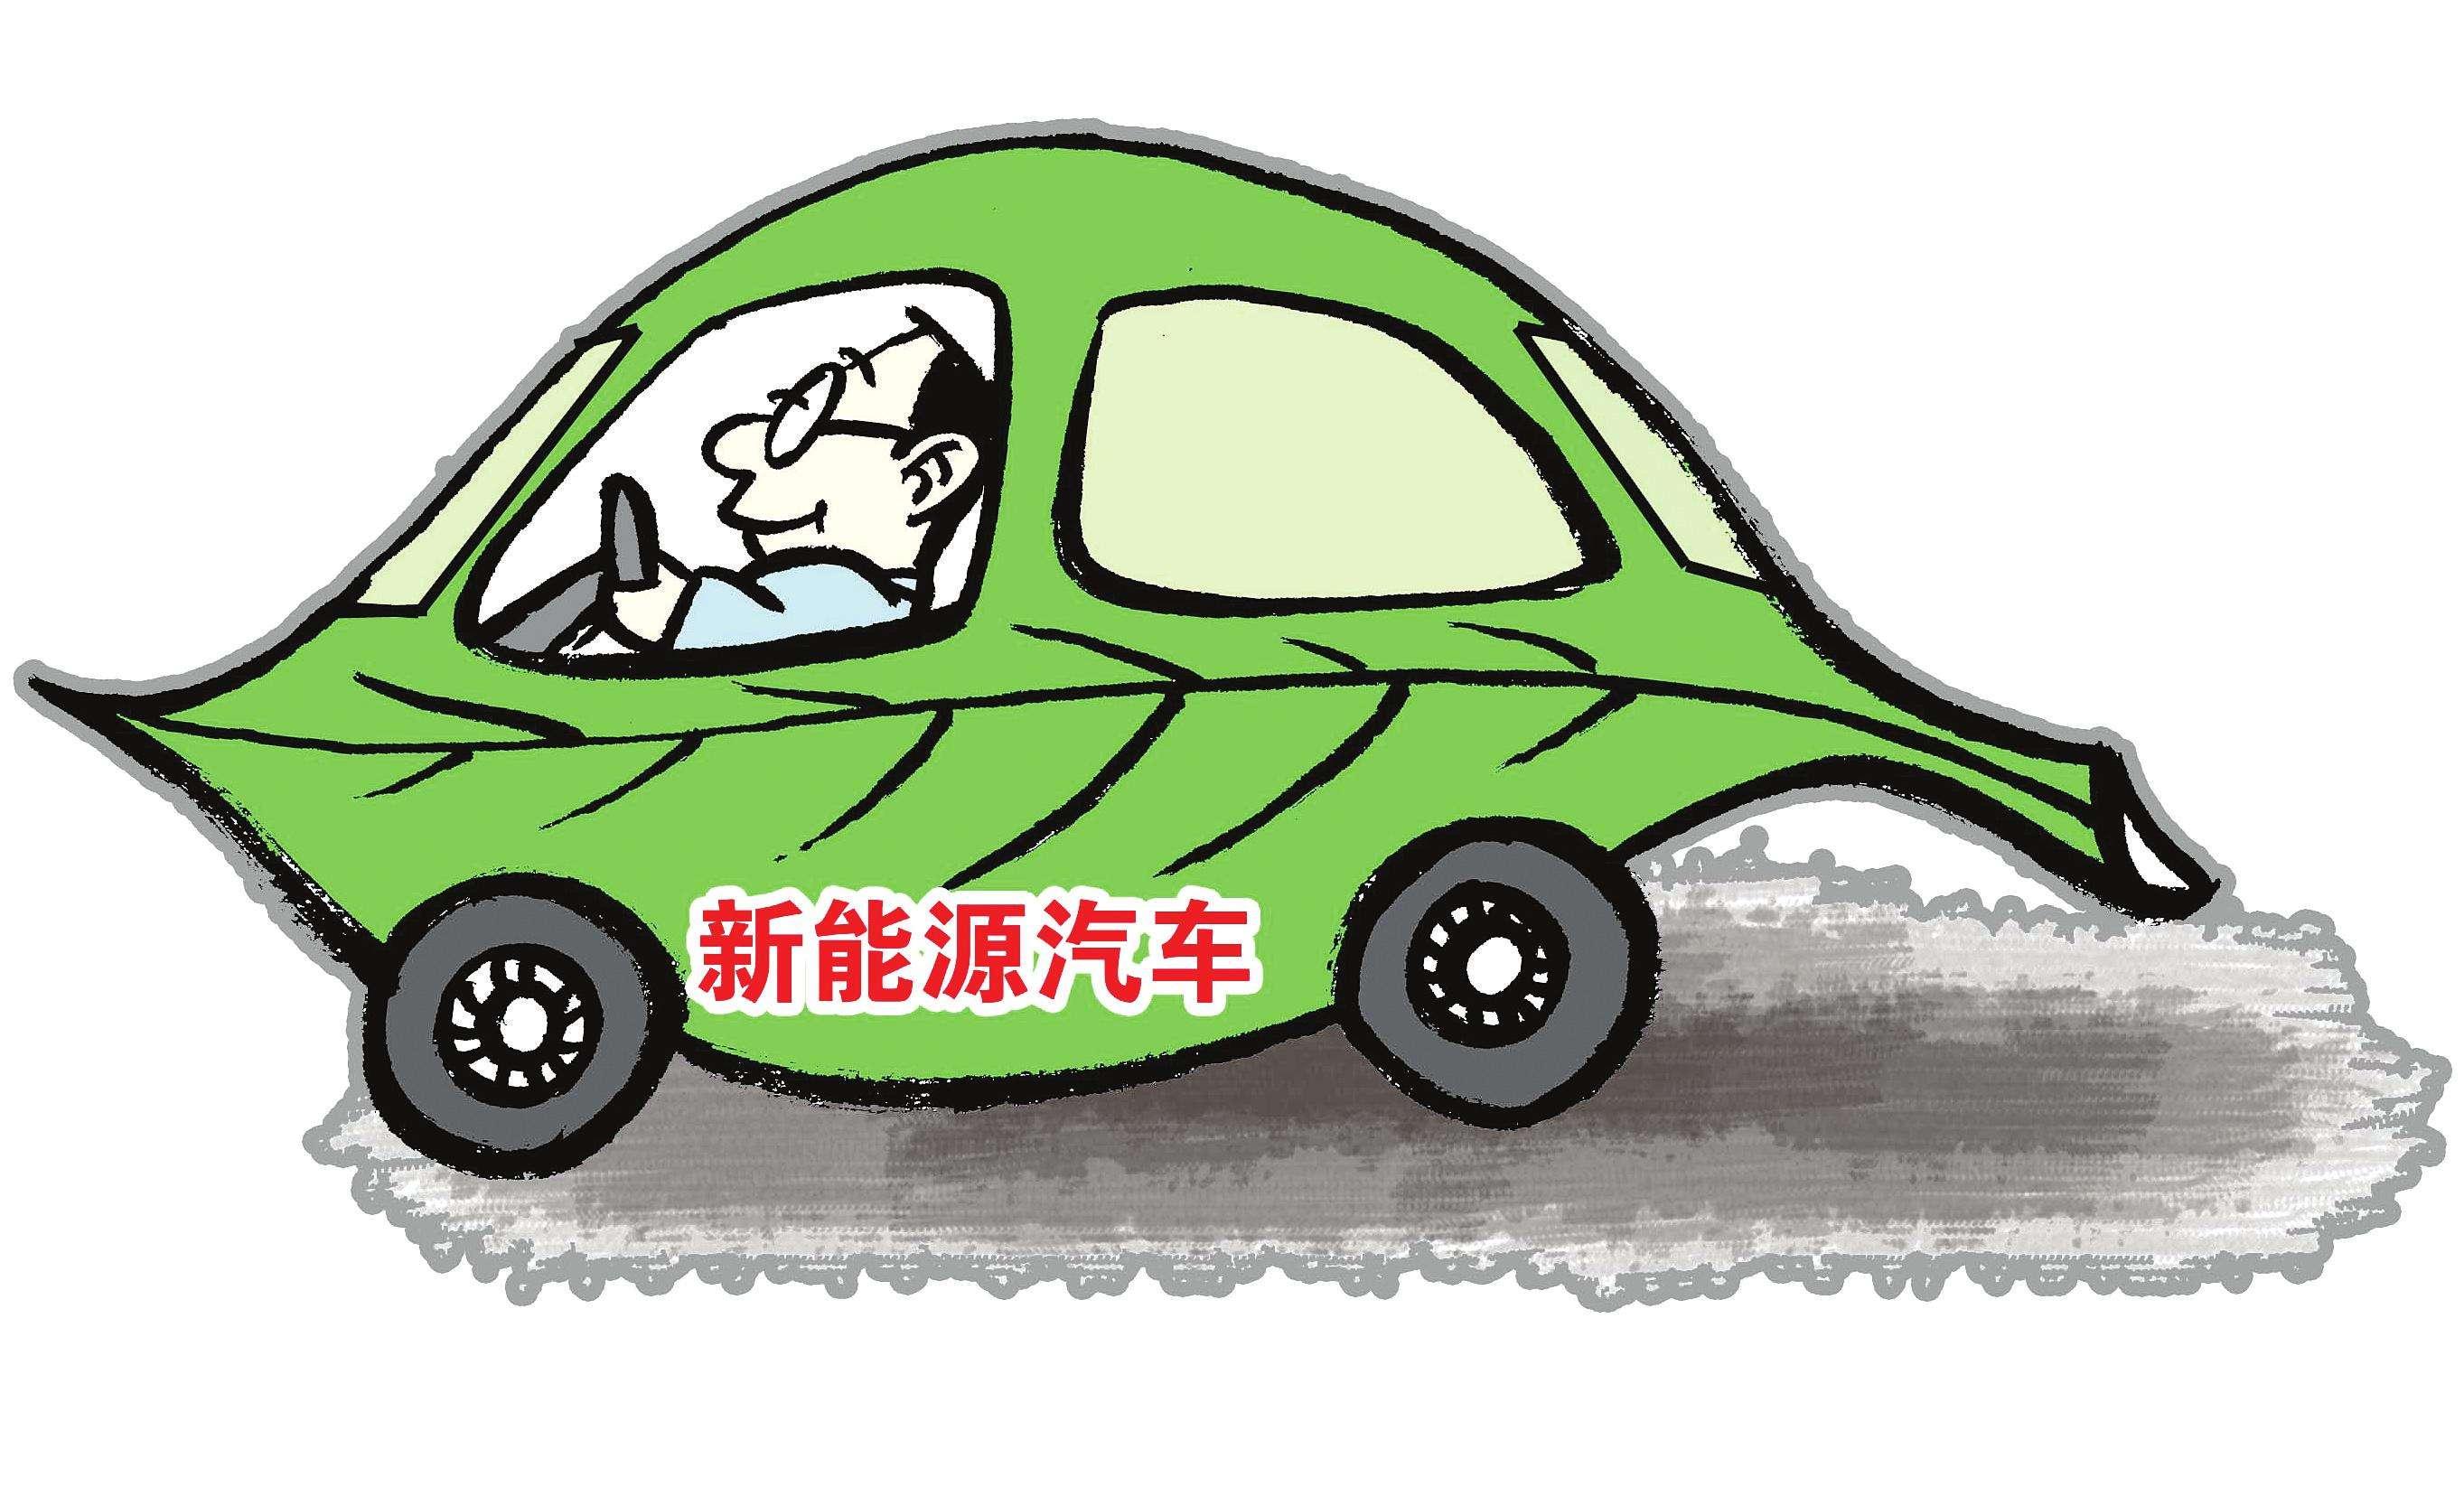 宇通客车获8.37亿元国家新能源汽车推广补贴